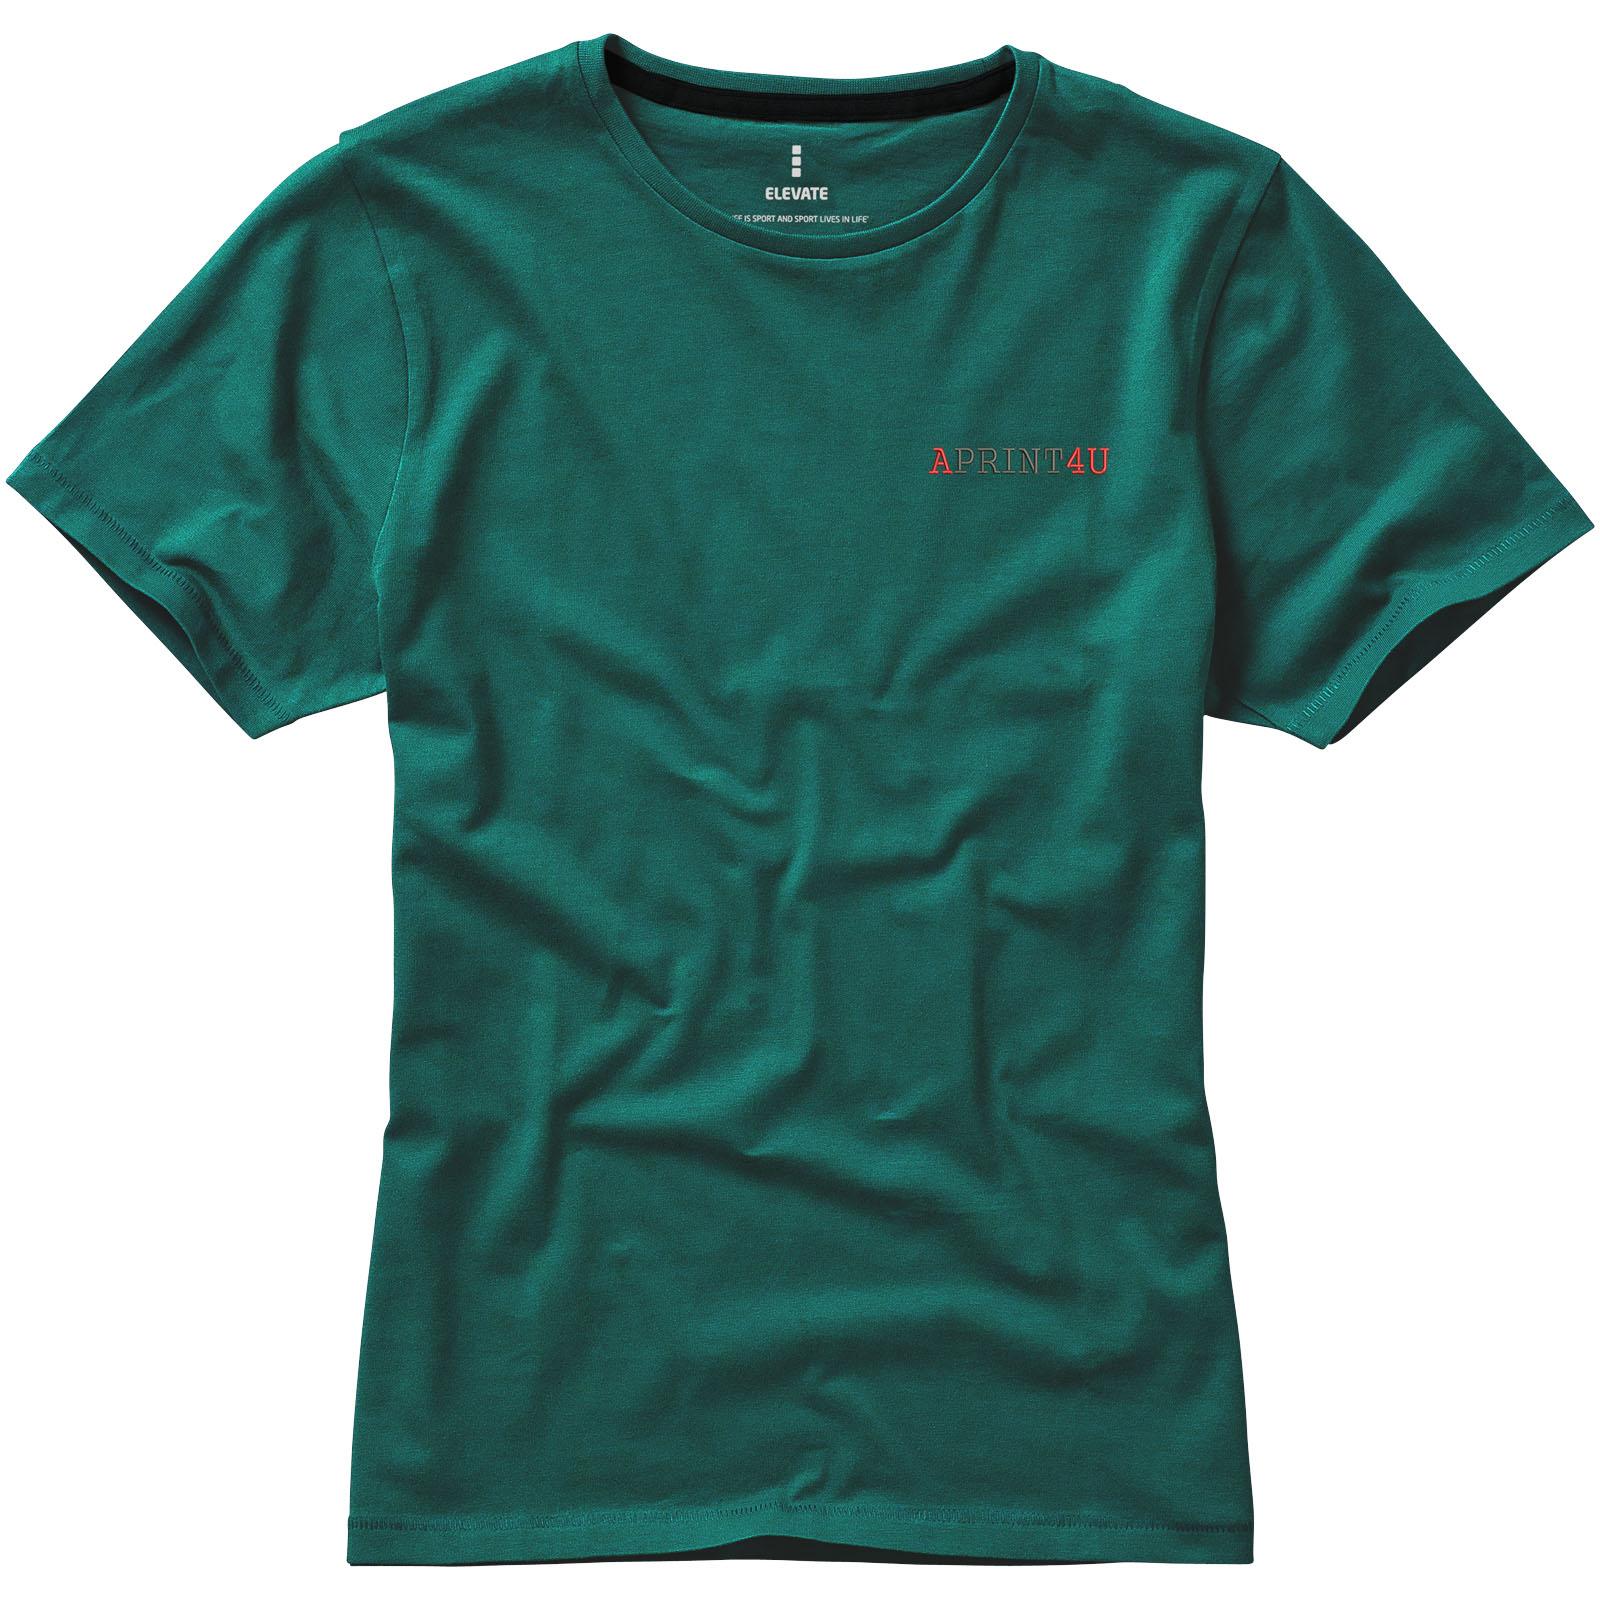 Elevate Nanaimo kortermet t skjorte for kvinner | Vistaprint